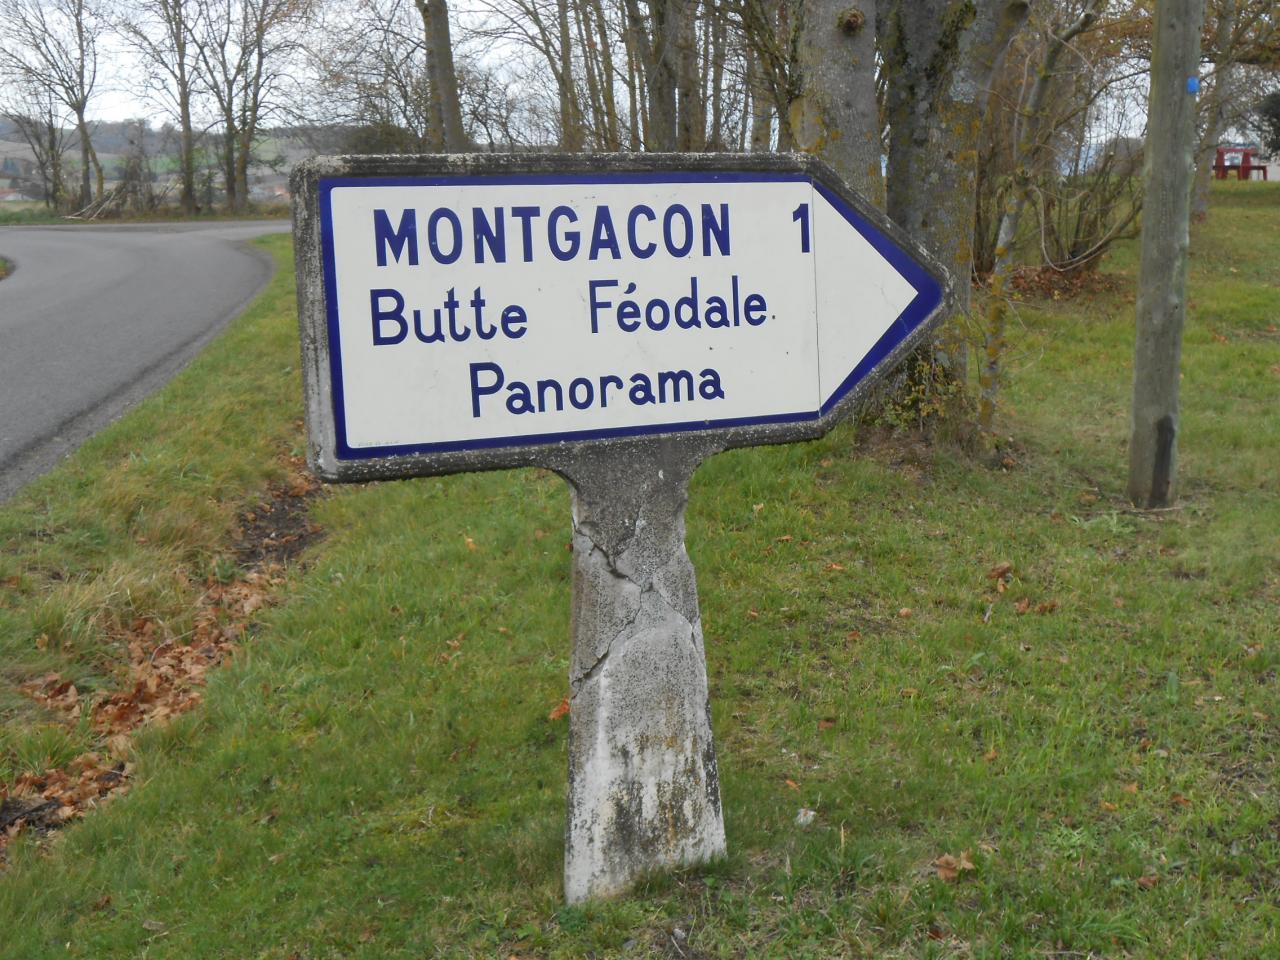 63 Montgacon 1